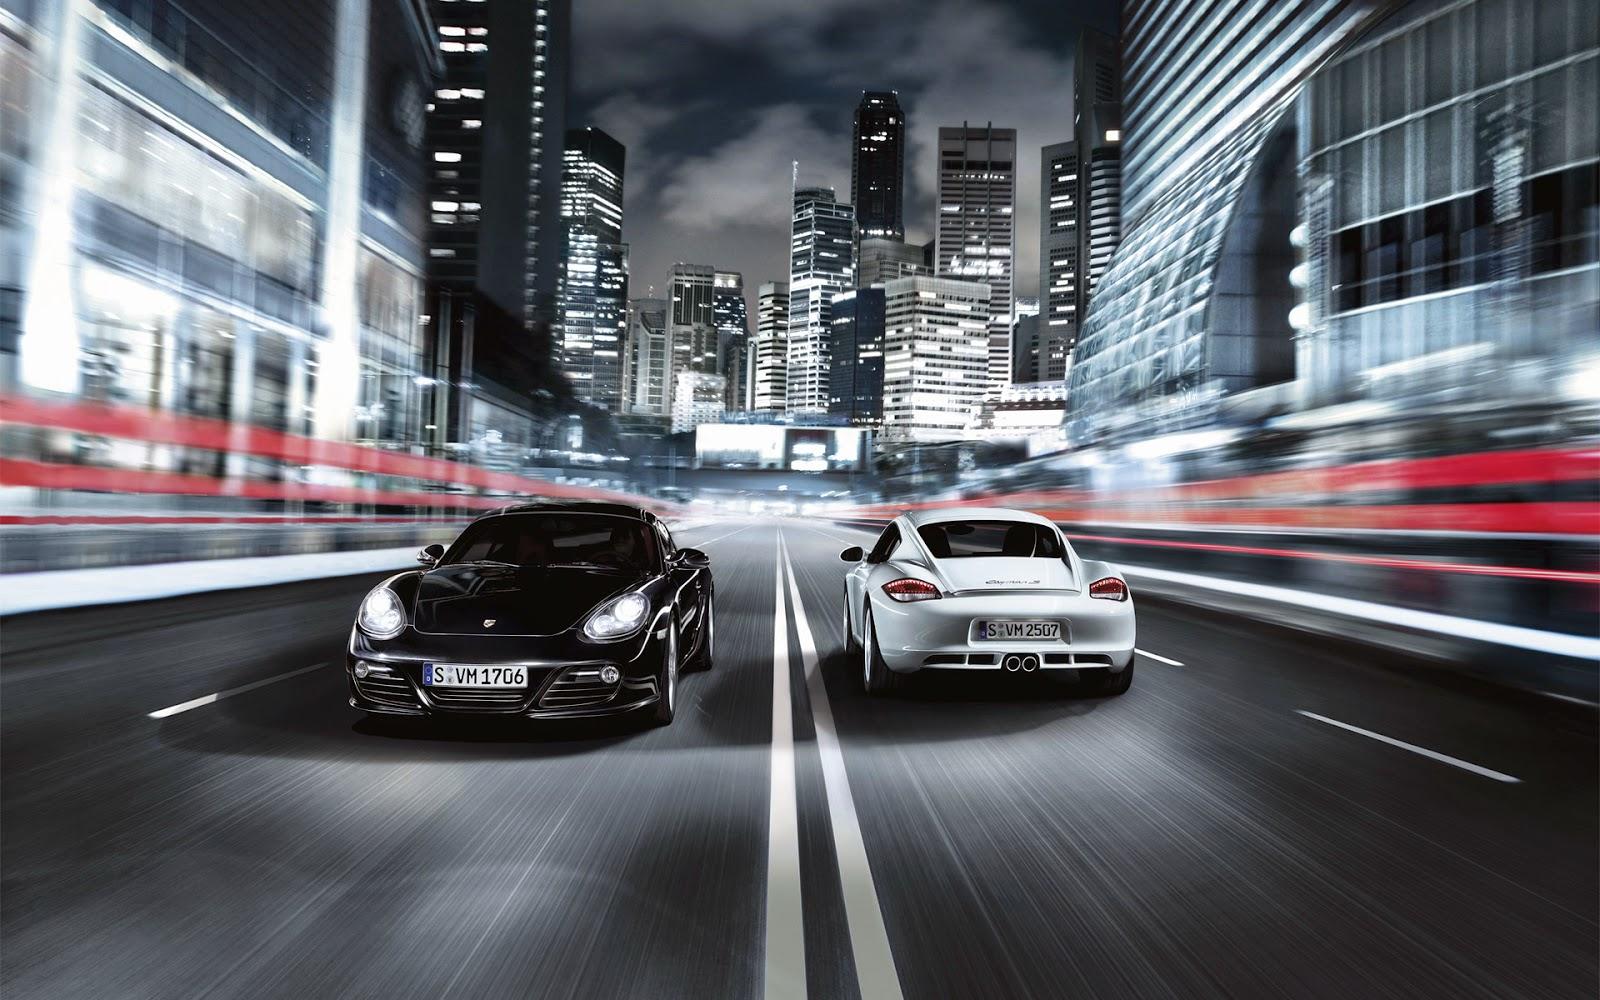 2014 New Porsche Cayman HD Wallpaper